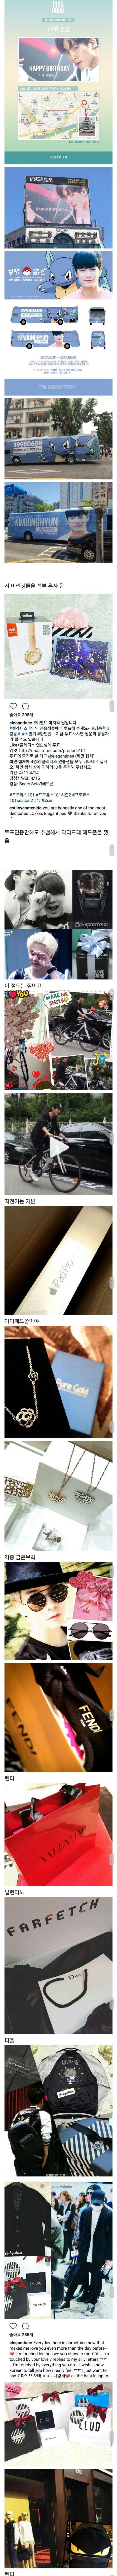 프듀101연습생에게 두바이 재벌녀가 팬으로 붙음